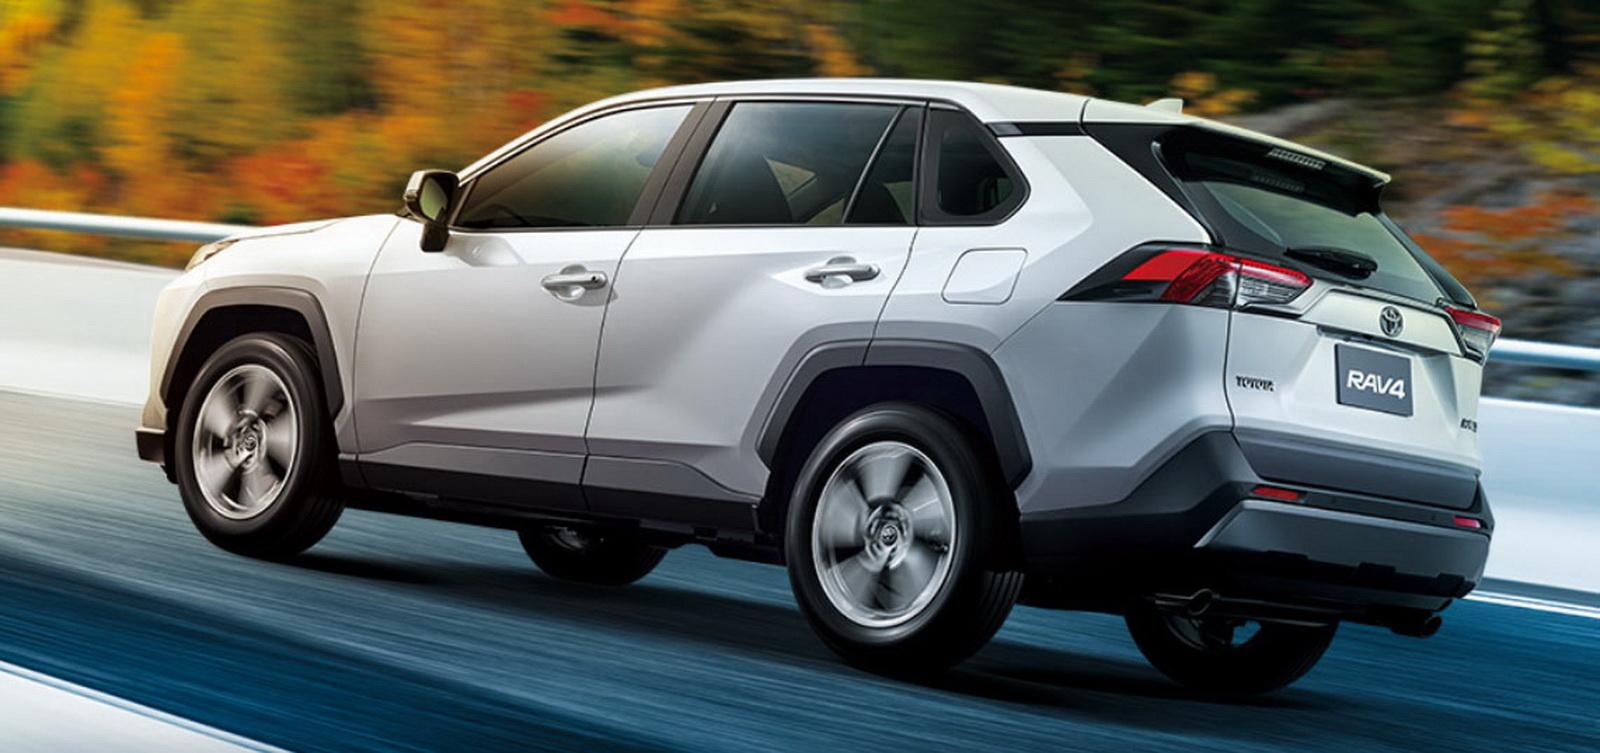 圖/進口車銷售量部分,本月Toyota表現依舊亮眼,總共賣出5,993輛,甚至比上個月多賣出1,410輛。